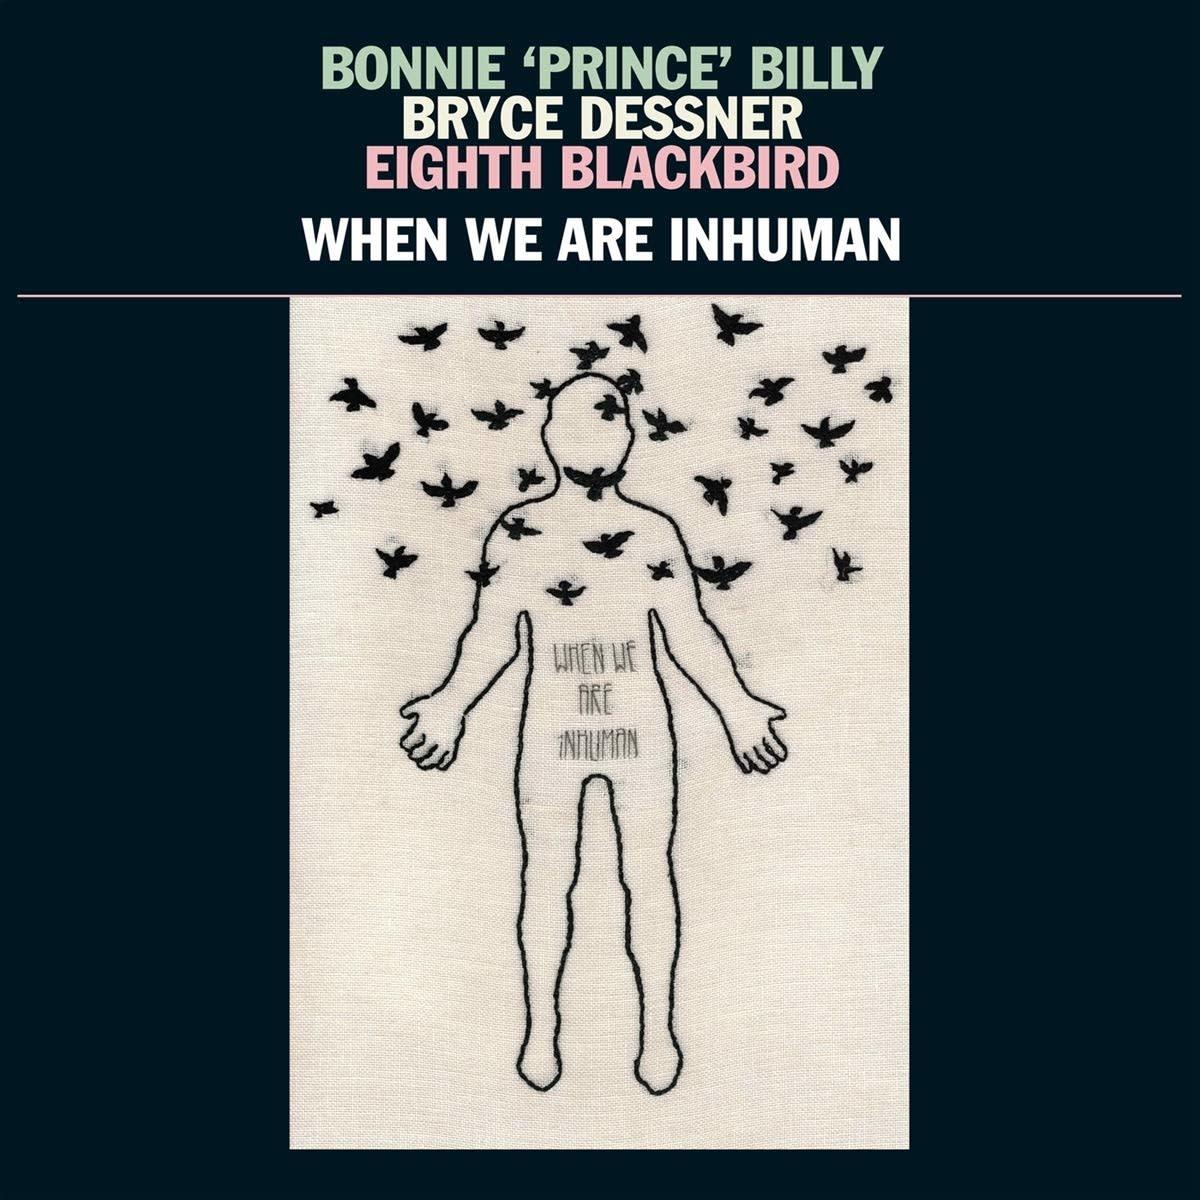 Bonnie 'Prince' Billy/Bryce Dessner/Eighth Blackbird - When We Are Inhuman